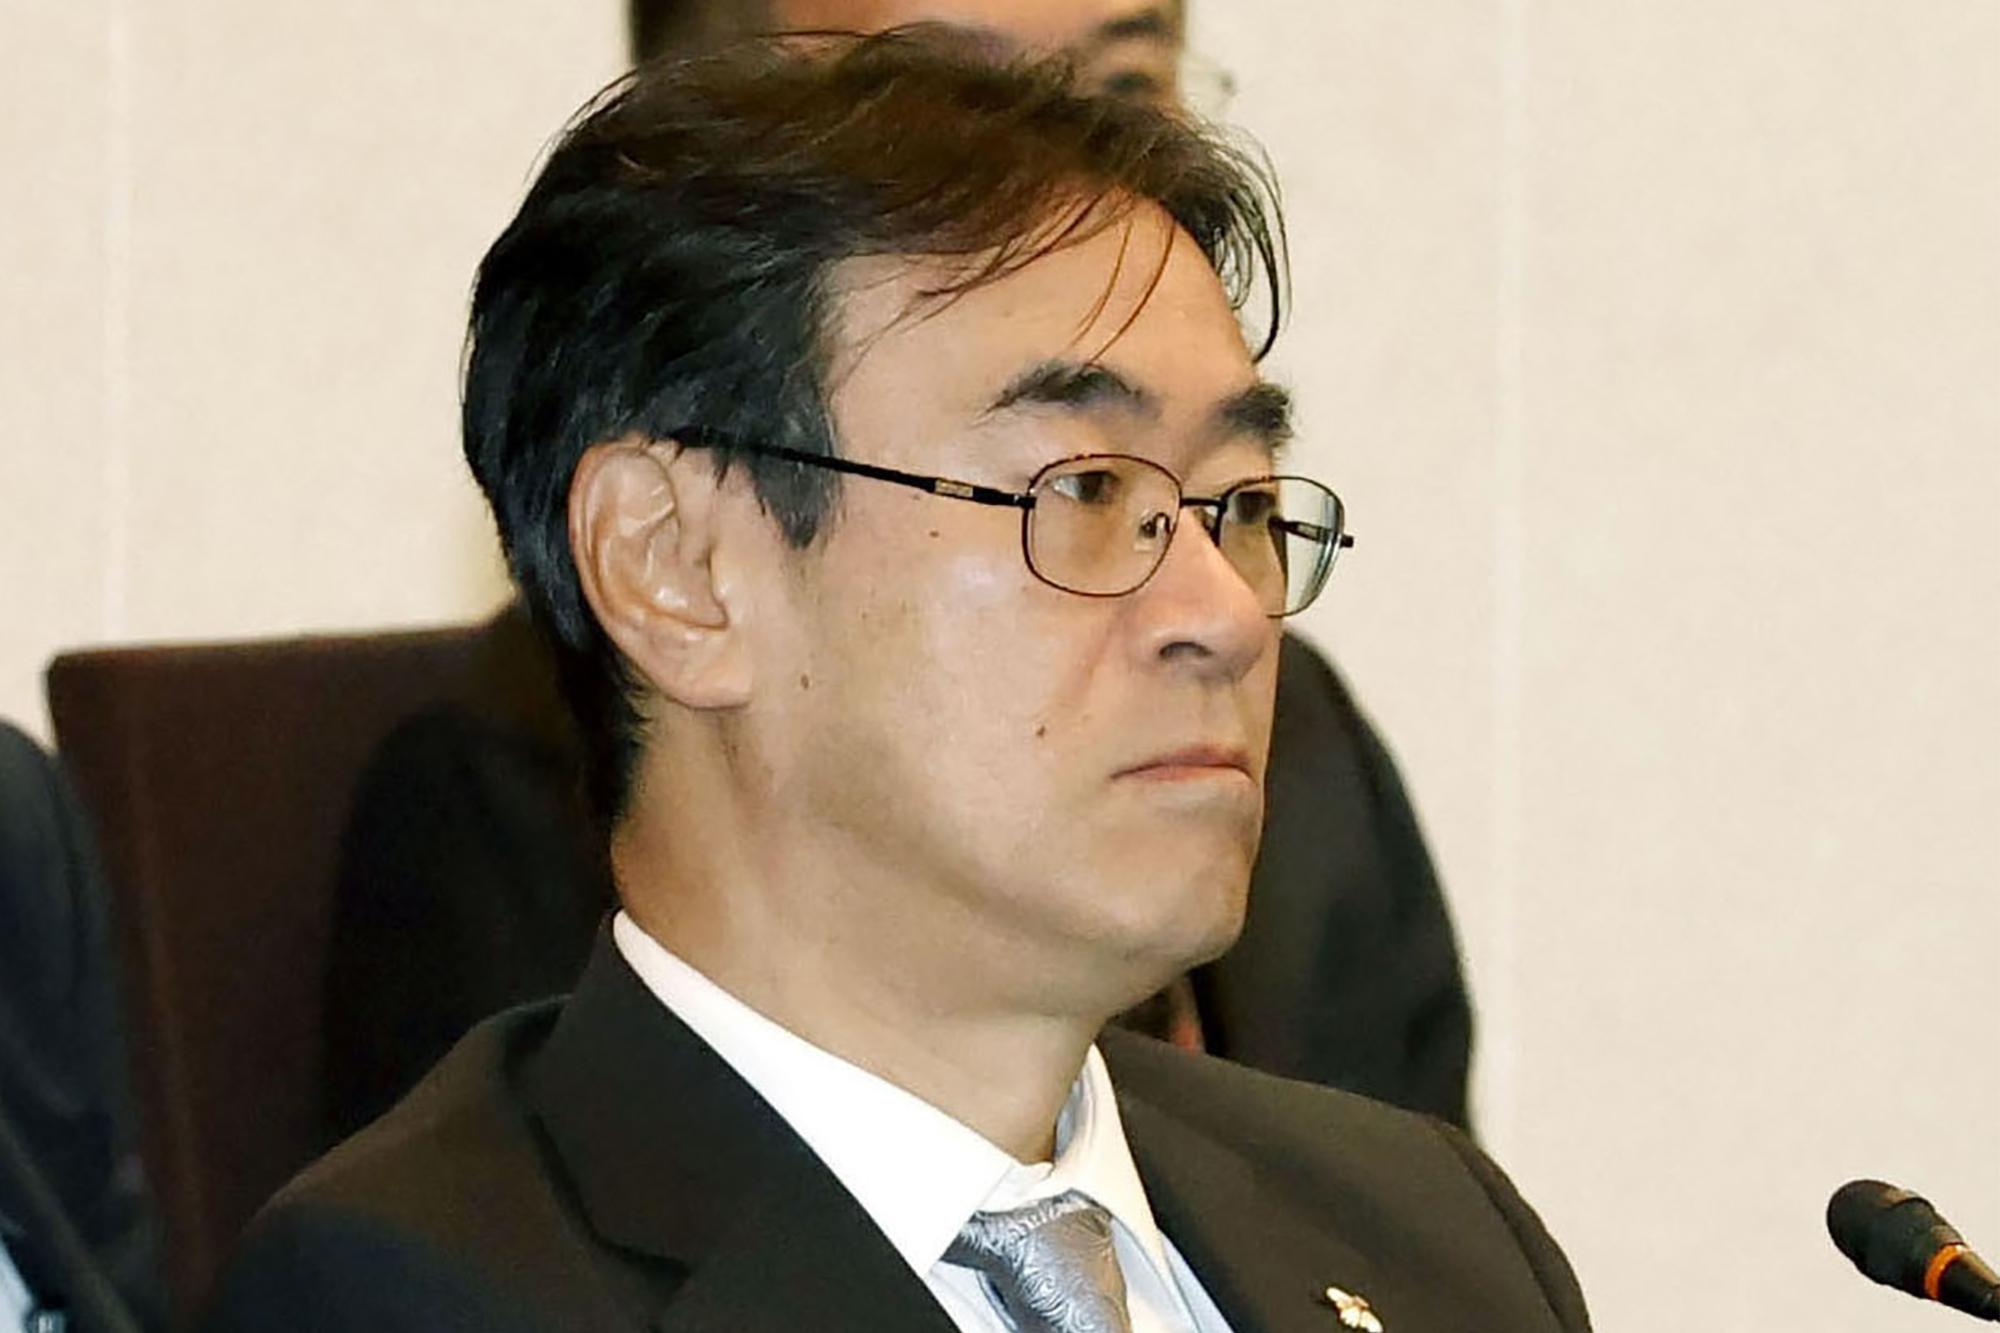 Japan prosecutor seen close to Abe quits in gambling scandal